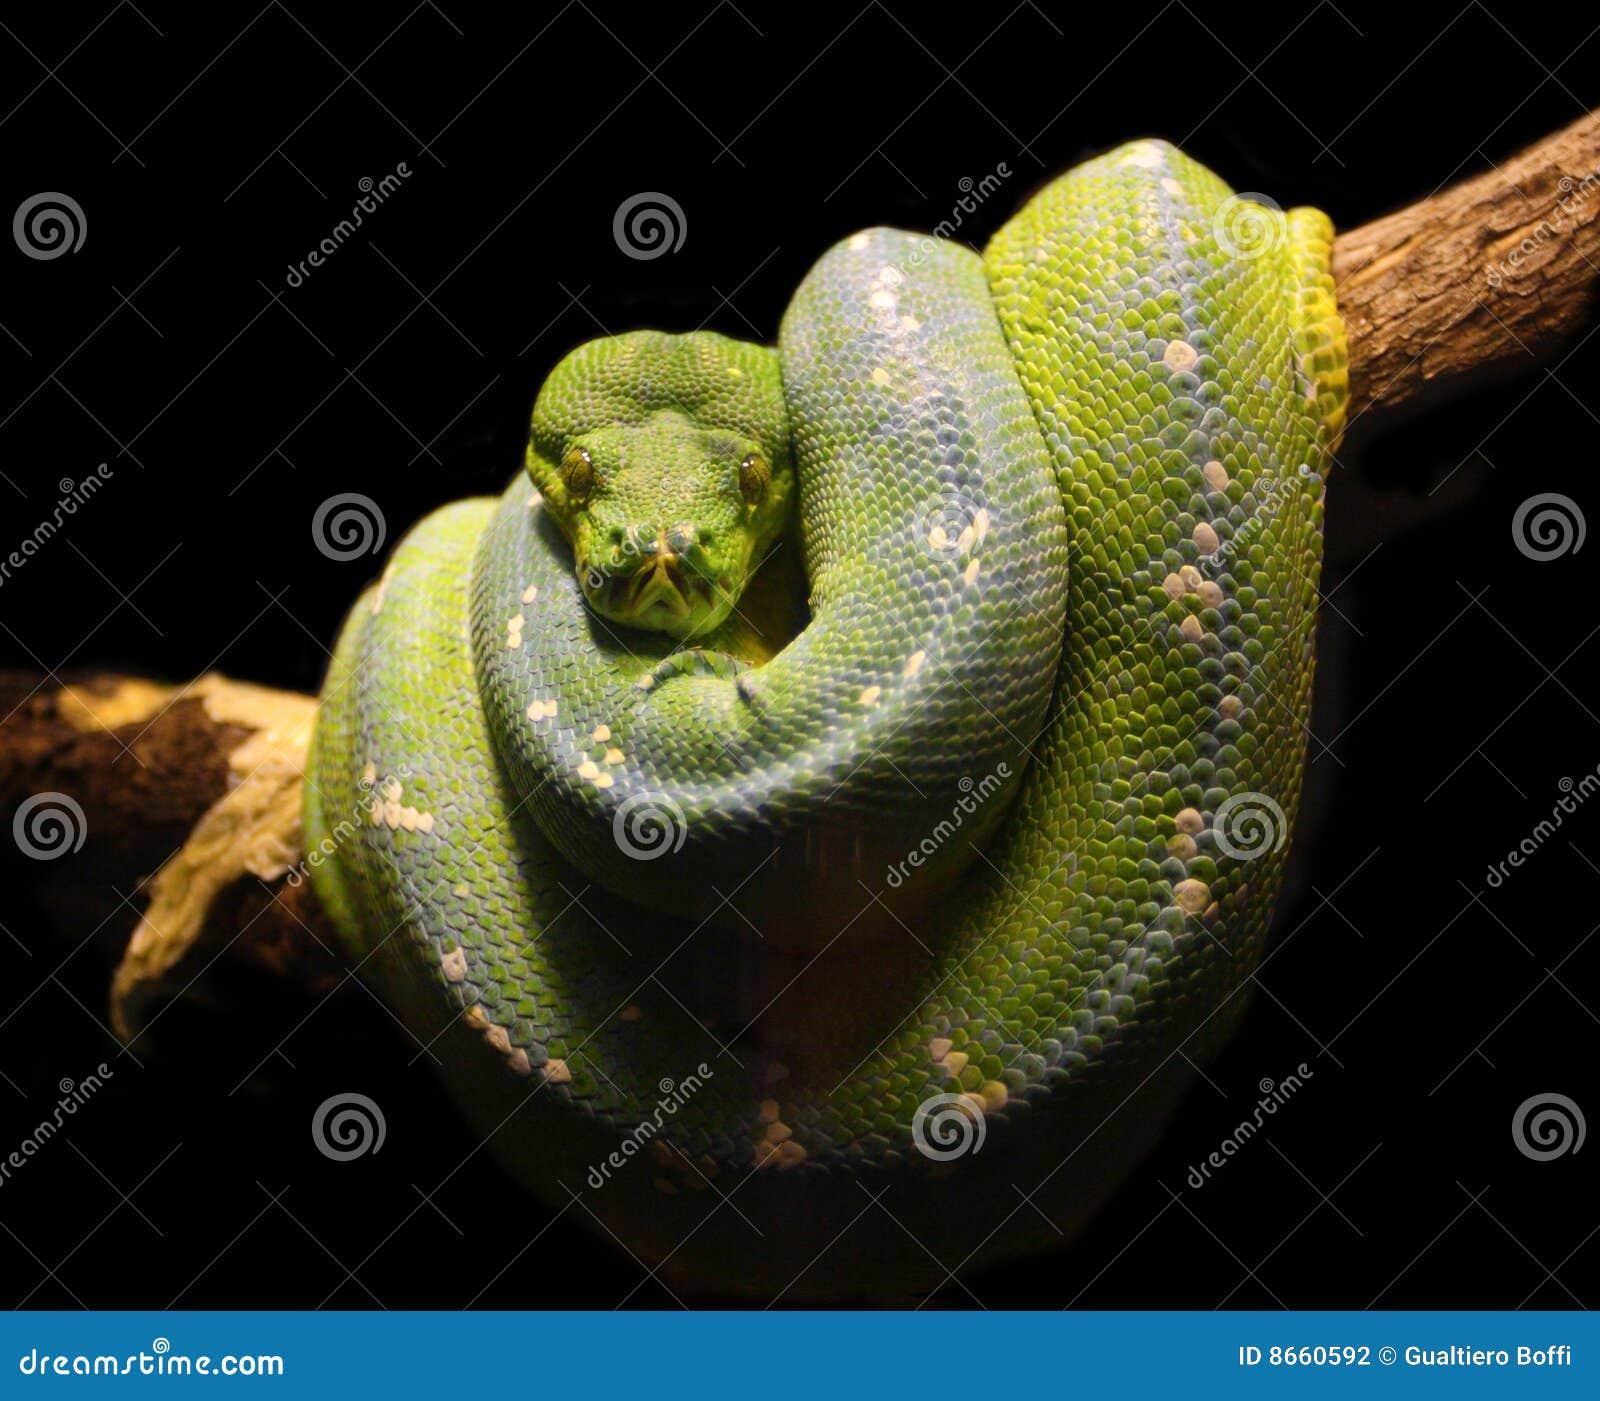 Фото кобра крупным планом 18 фотография